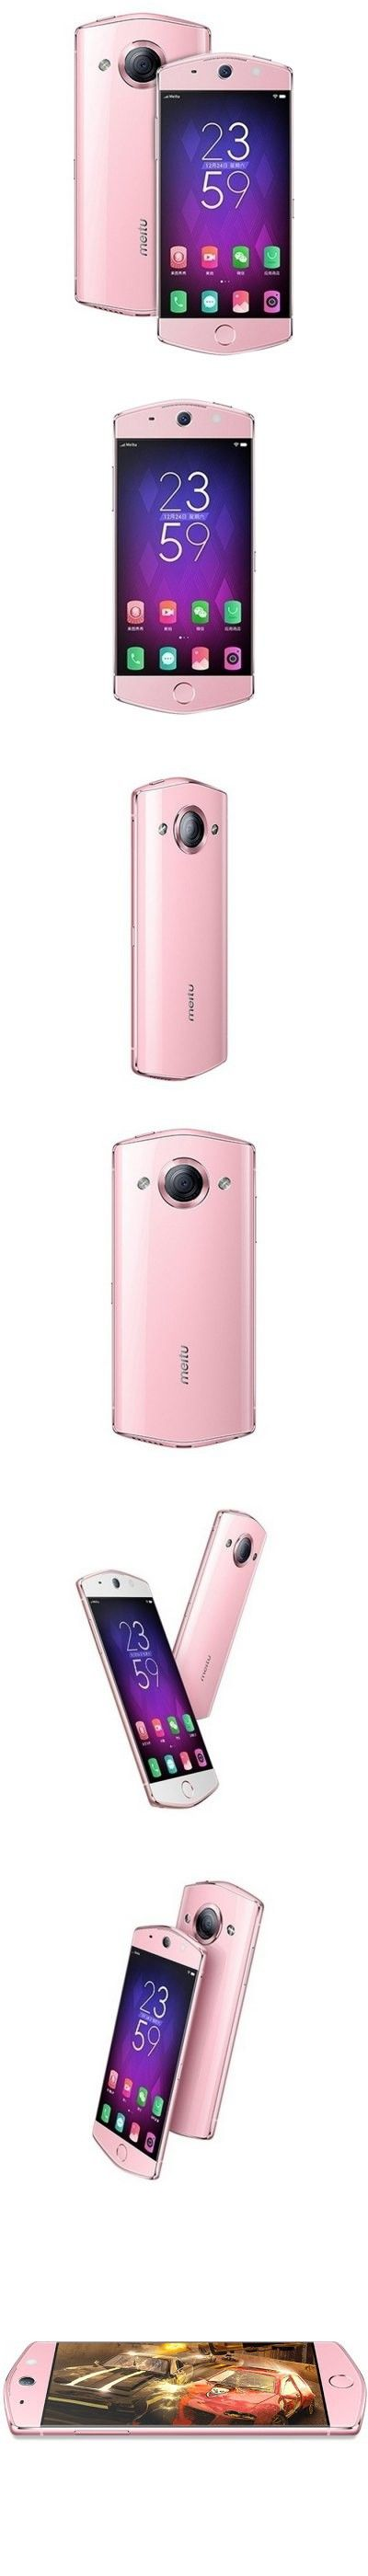 Meitu M6 4G Smartphone